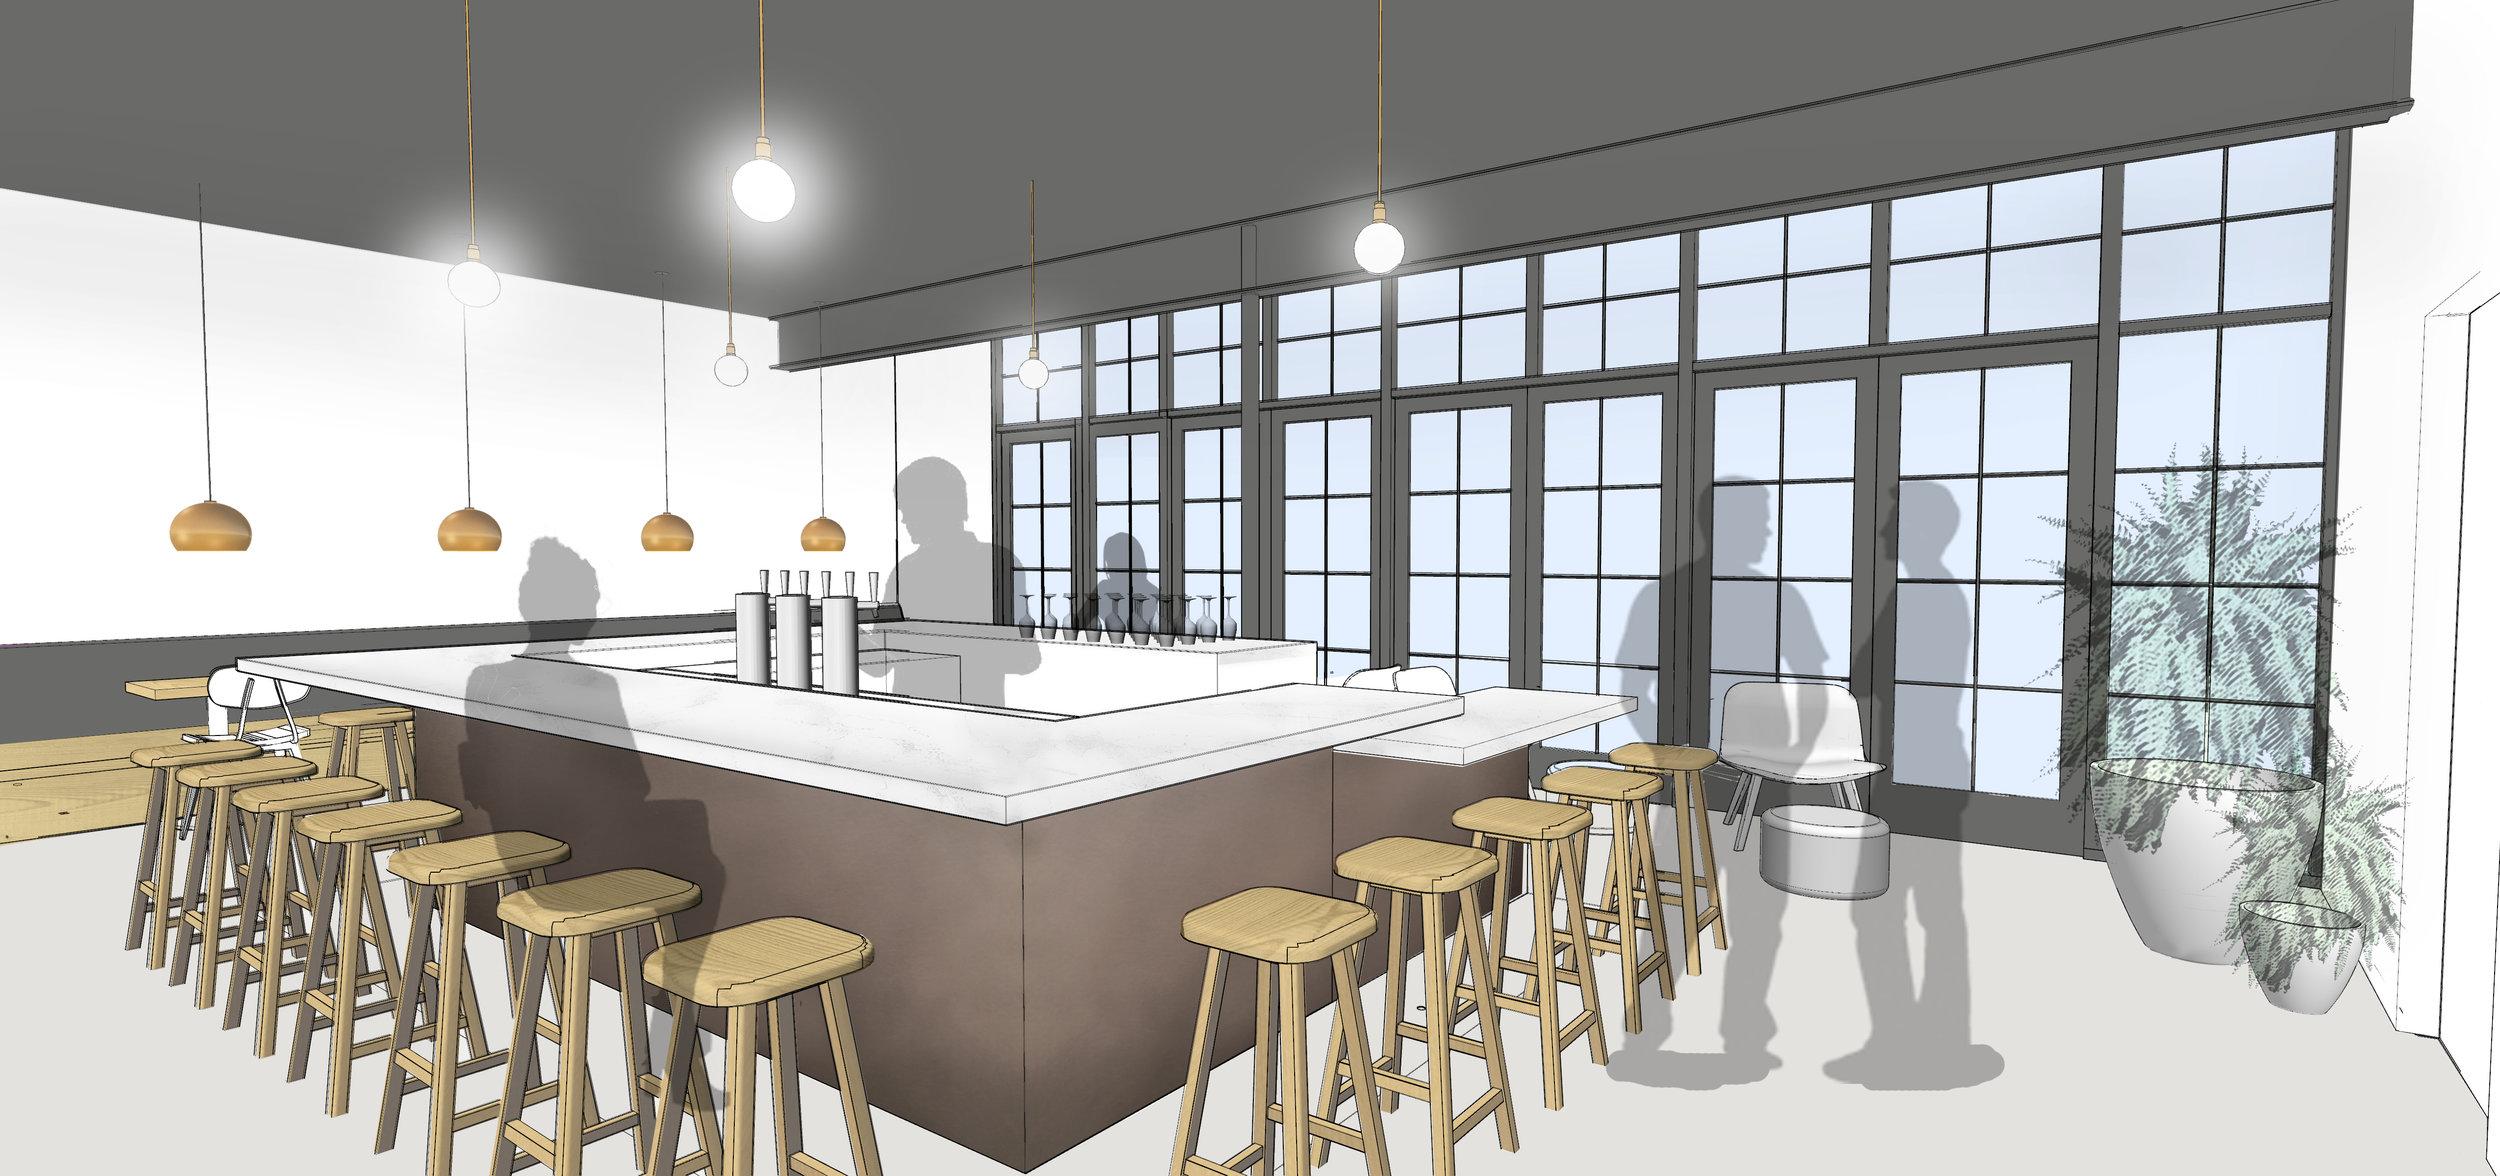 Cellador Ales Tasting Room and Brewery